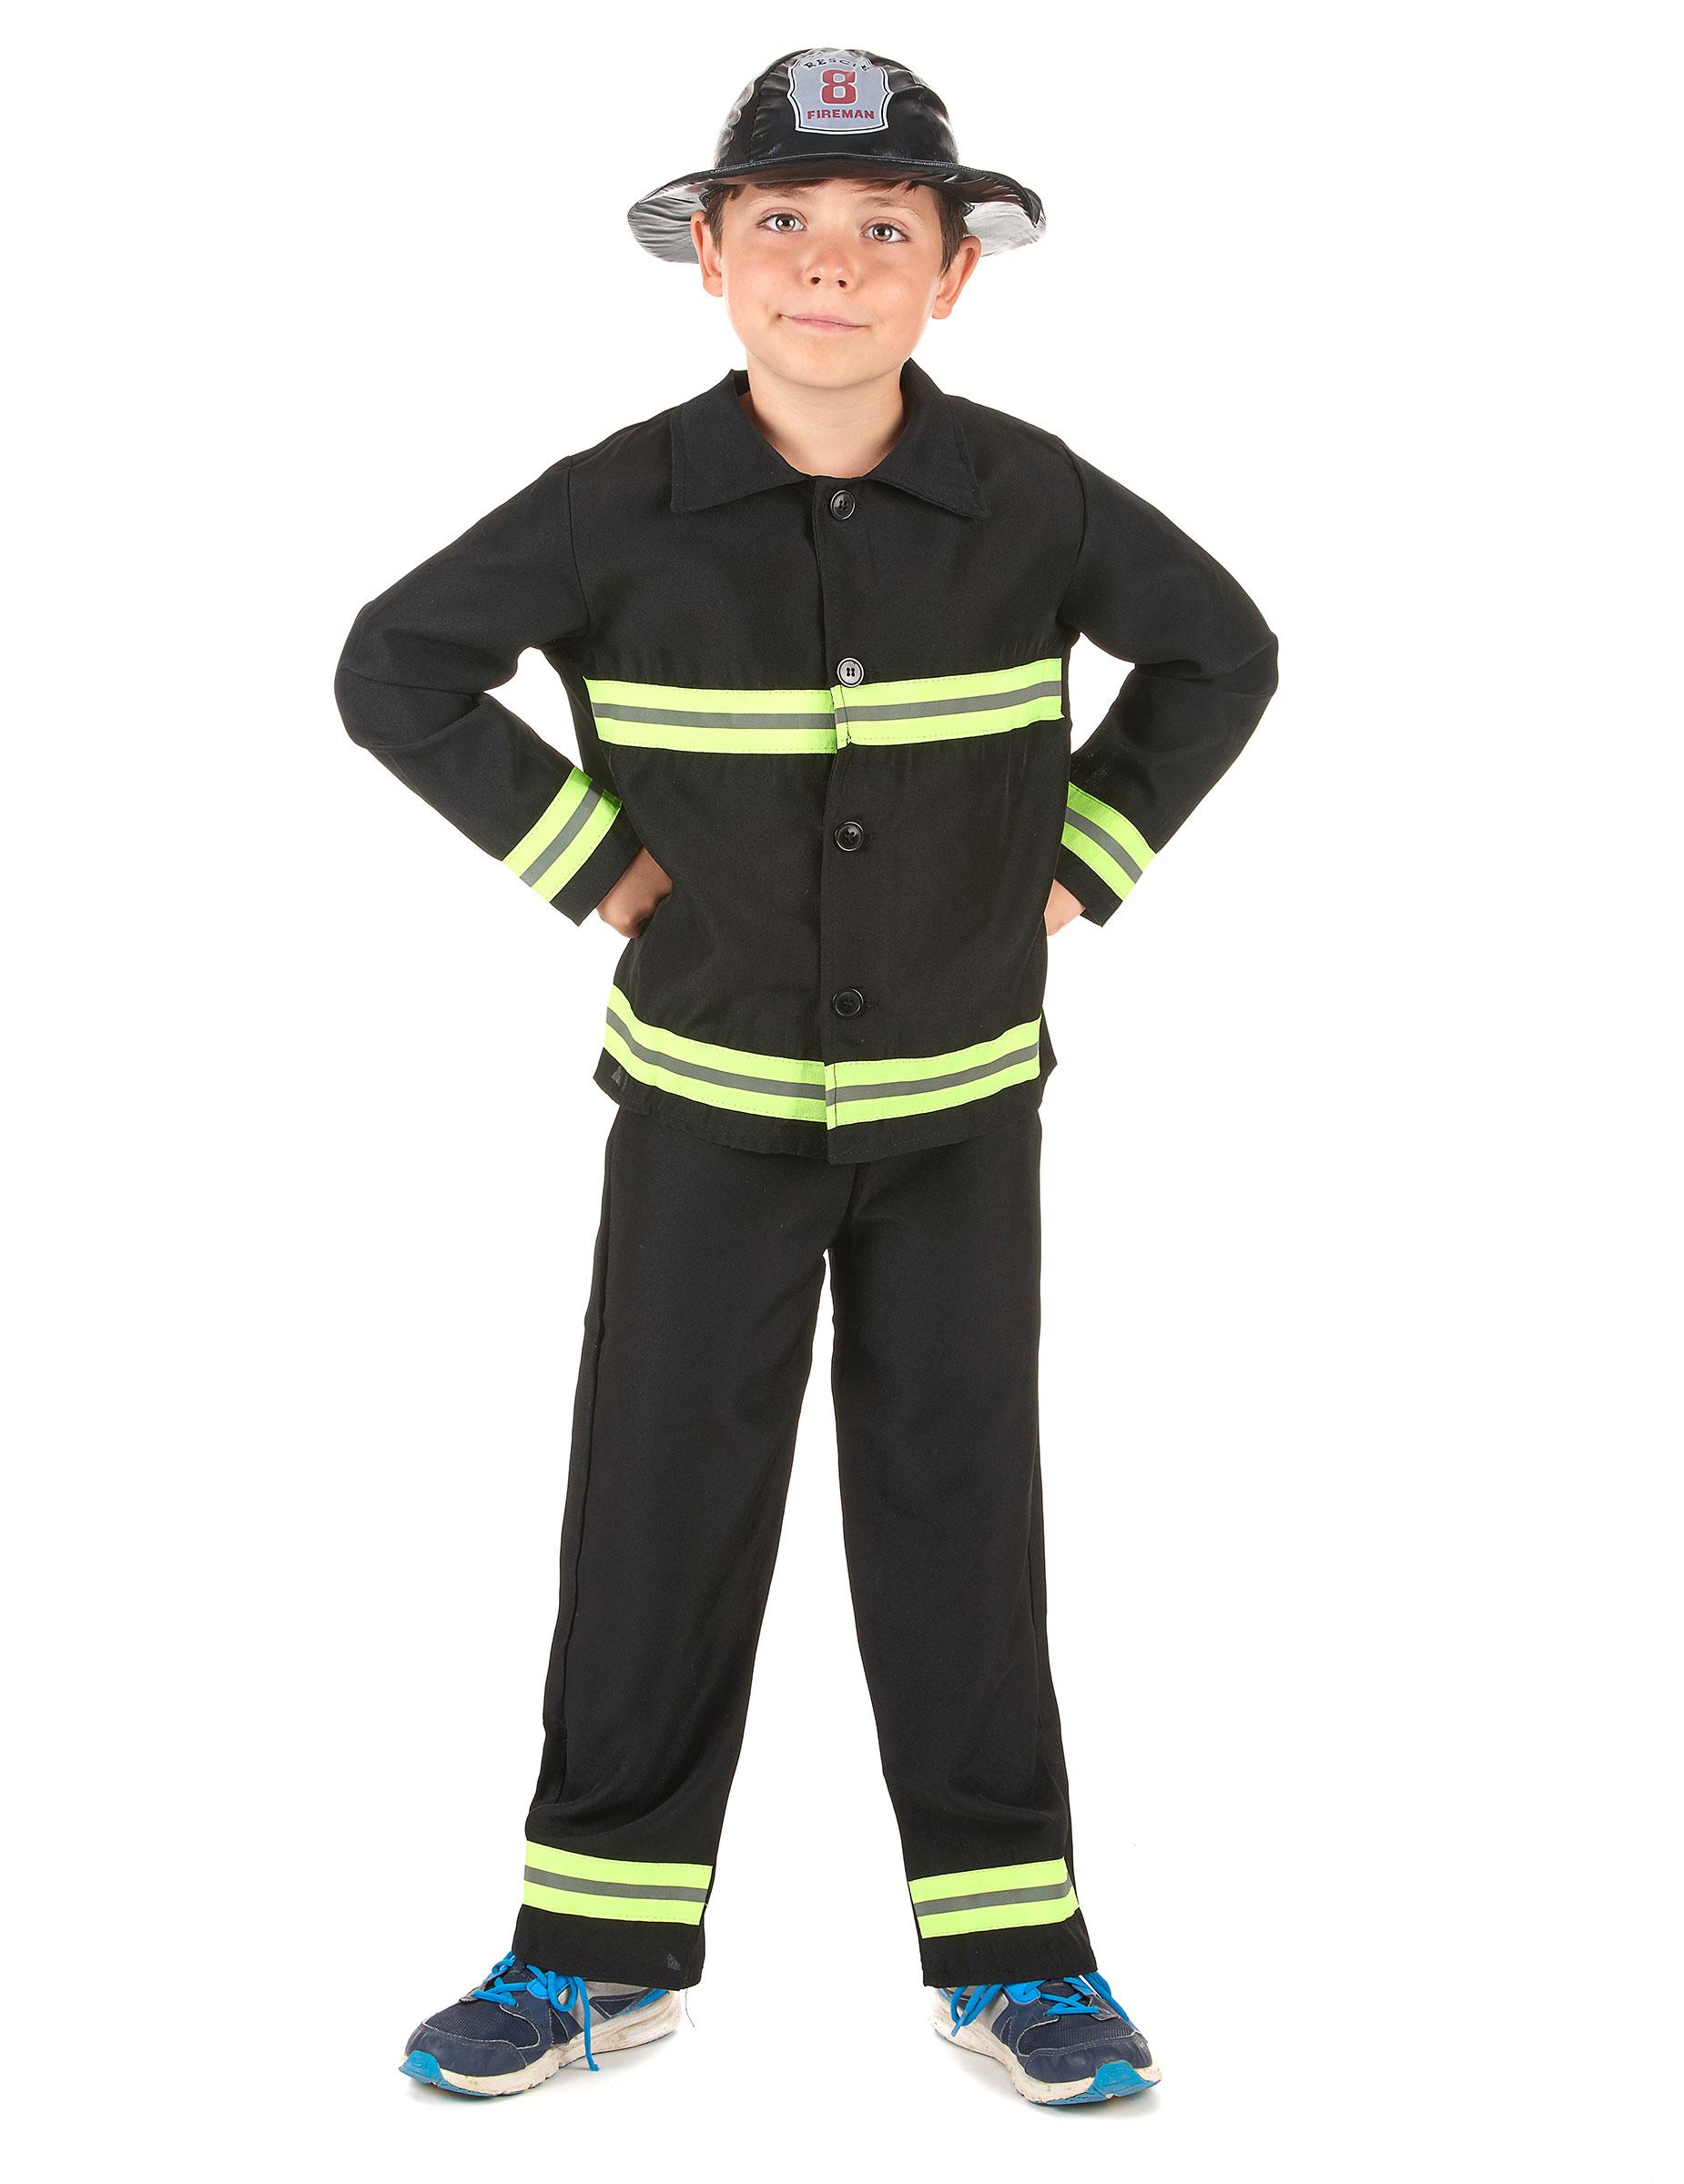 Feuerwehr Kinderkostum Kleiner Feuerwehrmann Schwarz Gelb Gunstige